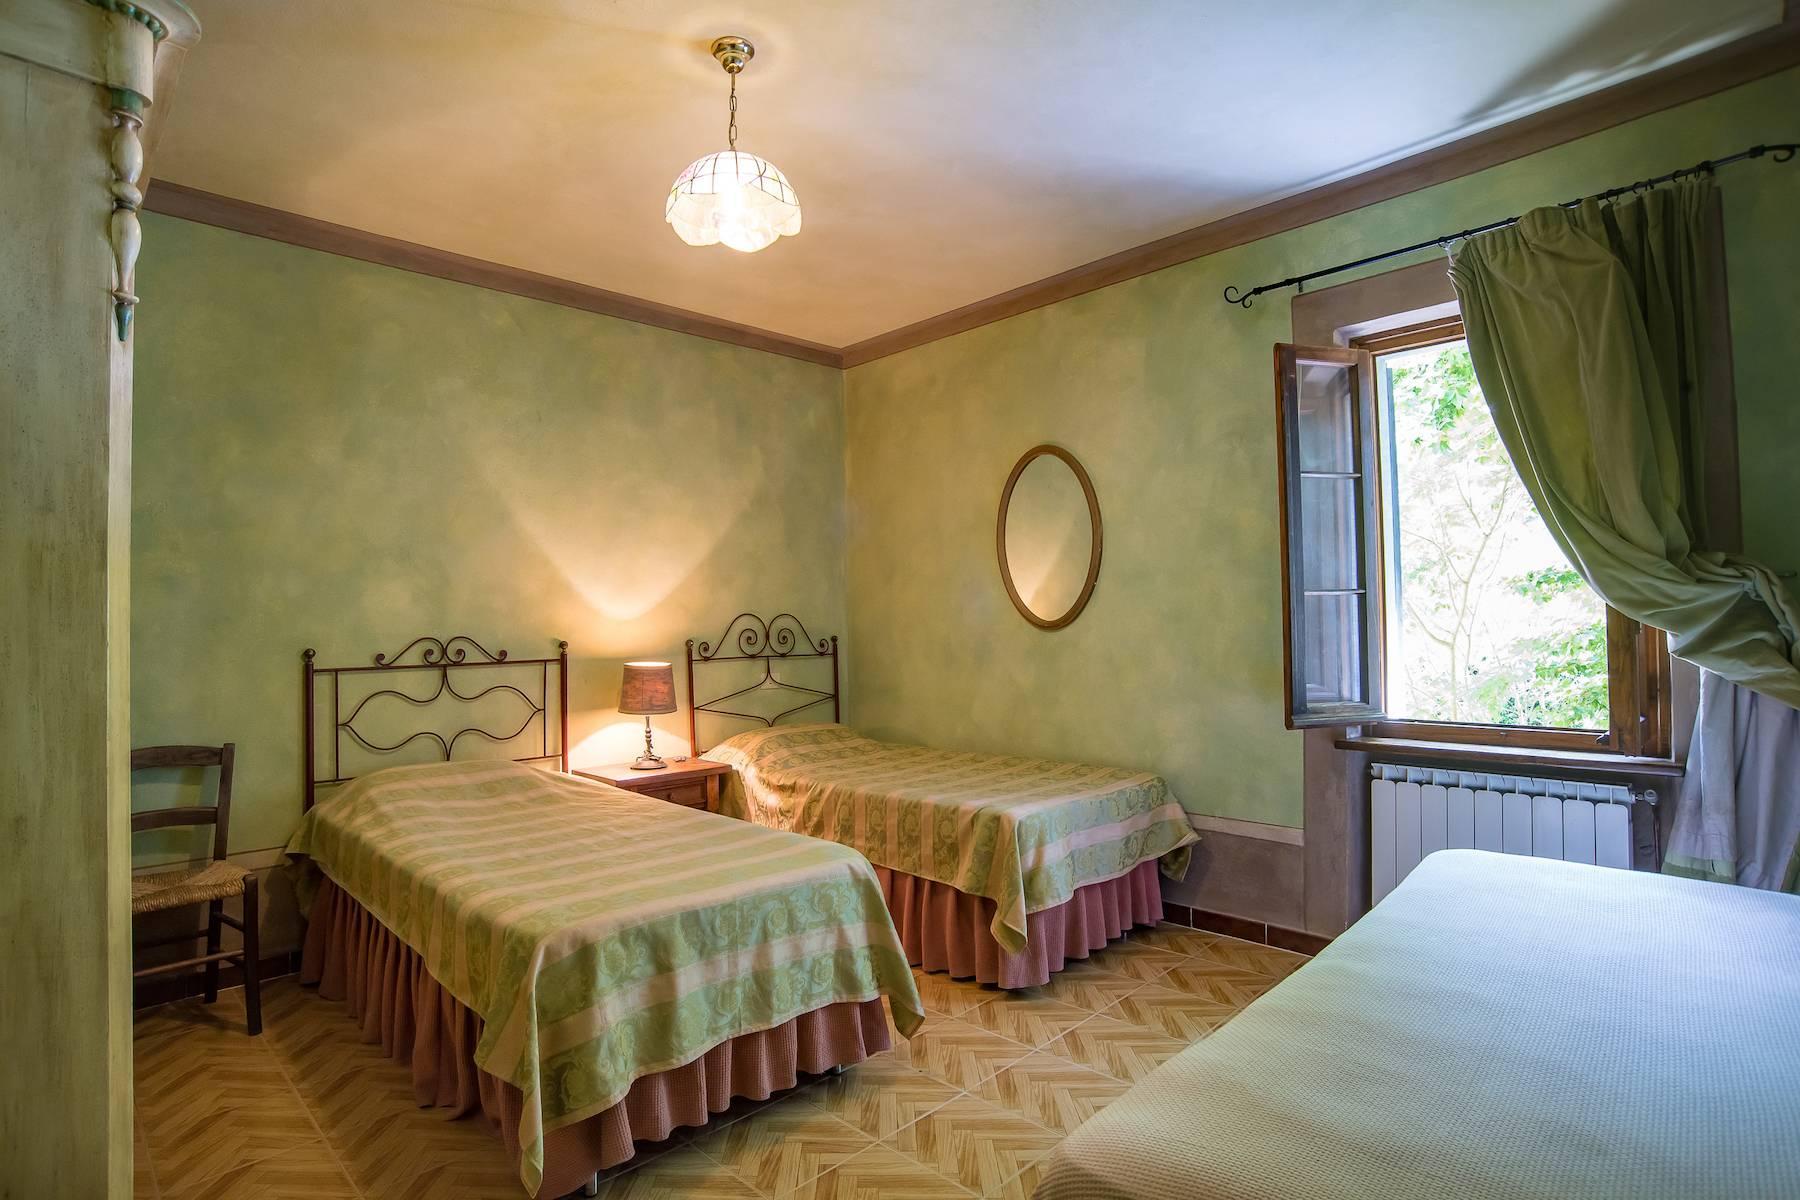 Maison de campagne enchantée sur les collines autour de Lucca - 9